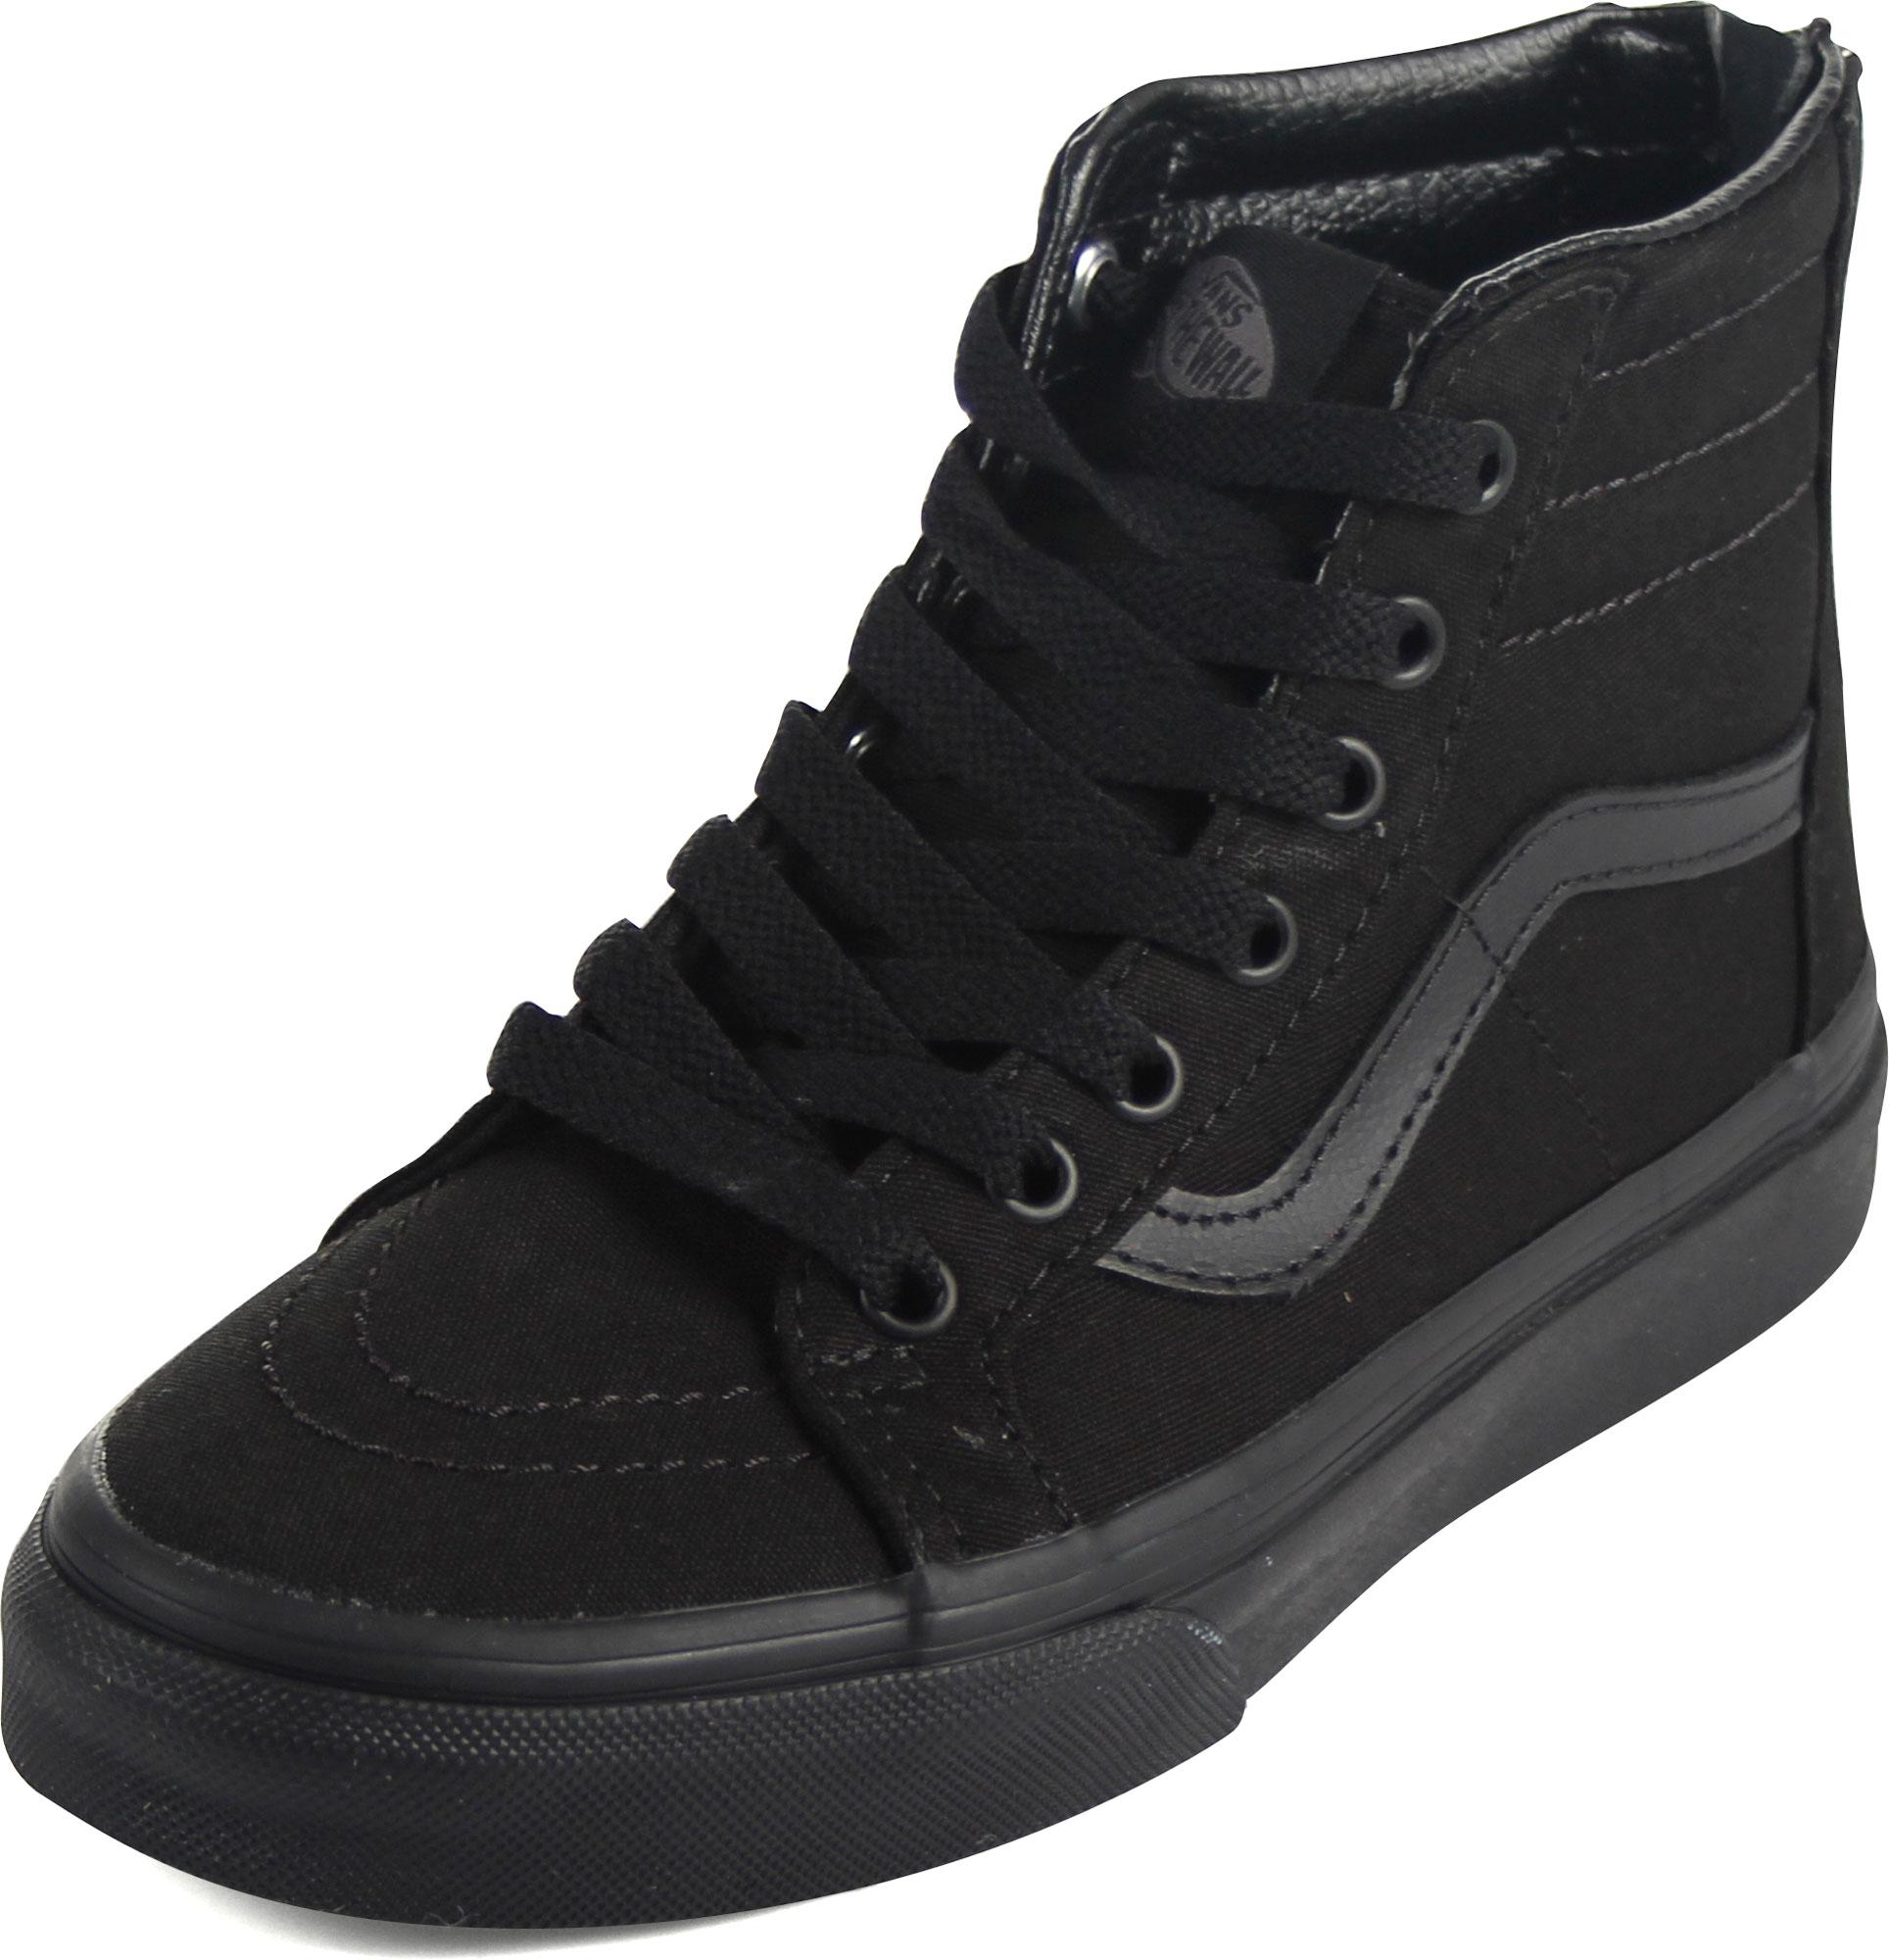 Vans - Kids Sk8-Hi Zip Shoes